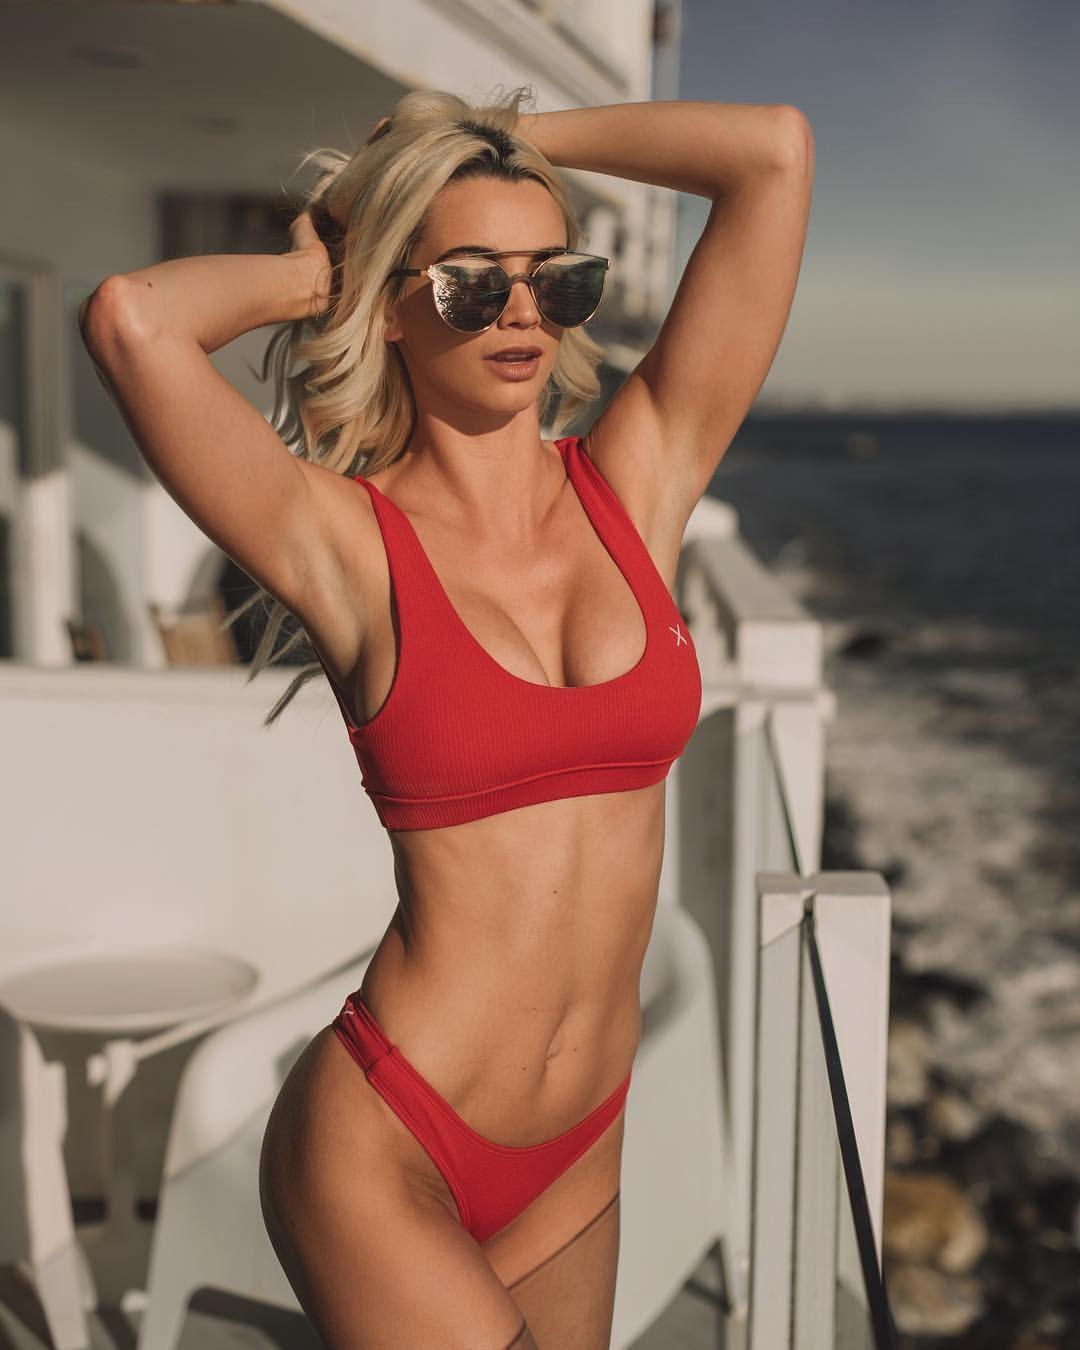 Hot Caitlin Arnett nude (75 photos), Ass, Hot, Boobs, braless 2006